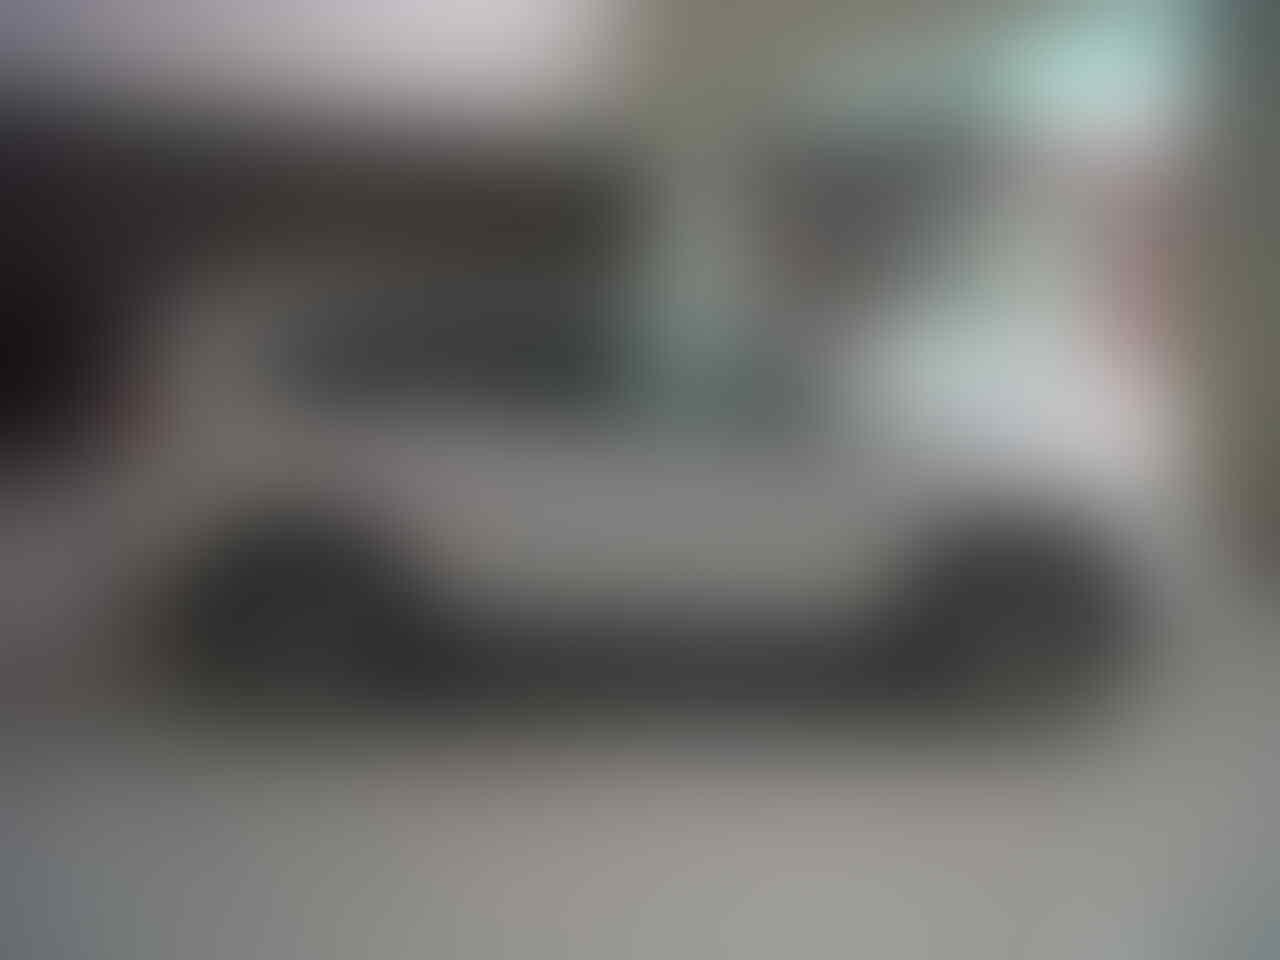 Honda CR-V 2.0,CR-V 2.4,CR-V Prestige ready,gratis v-kool